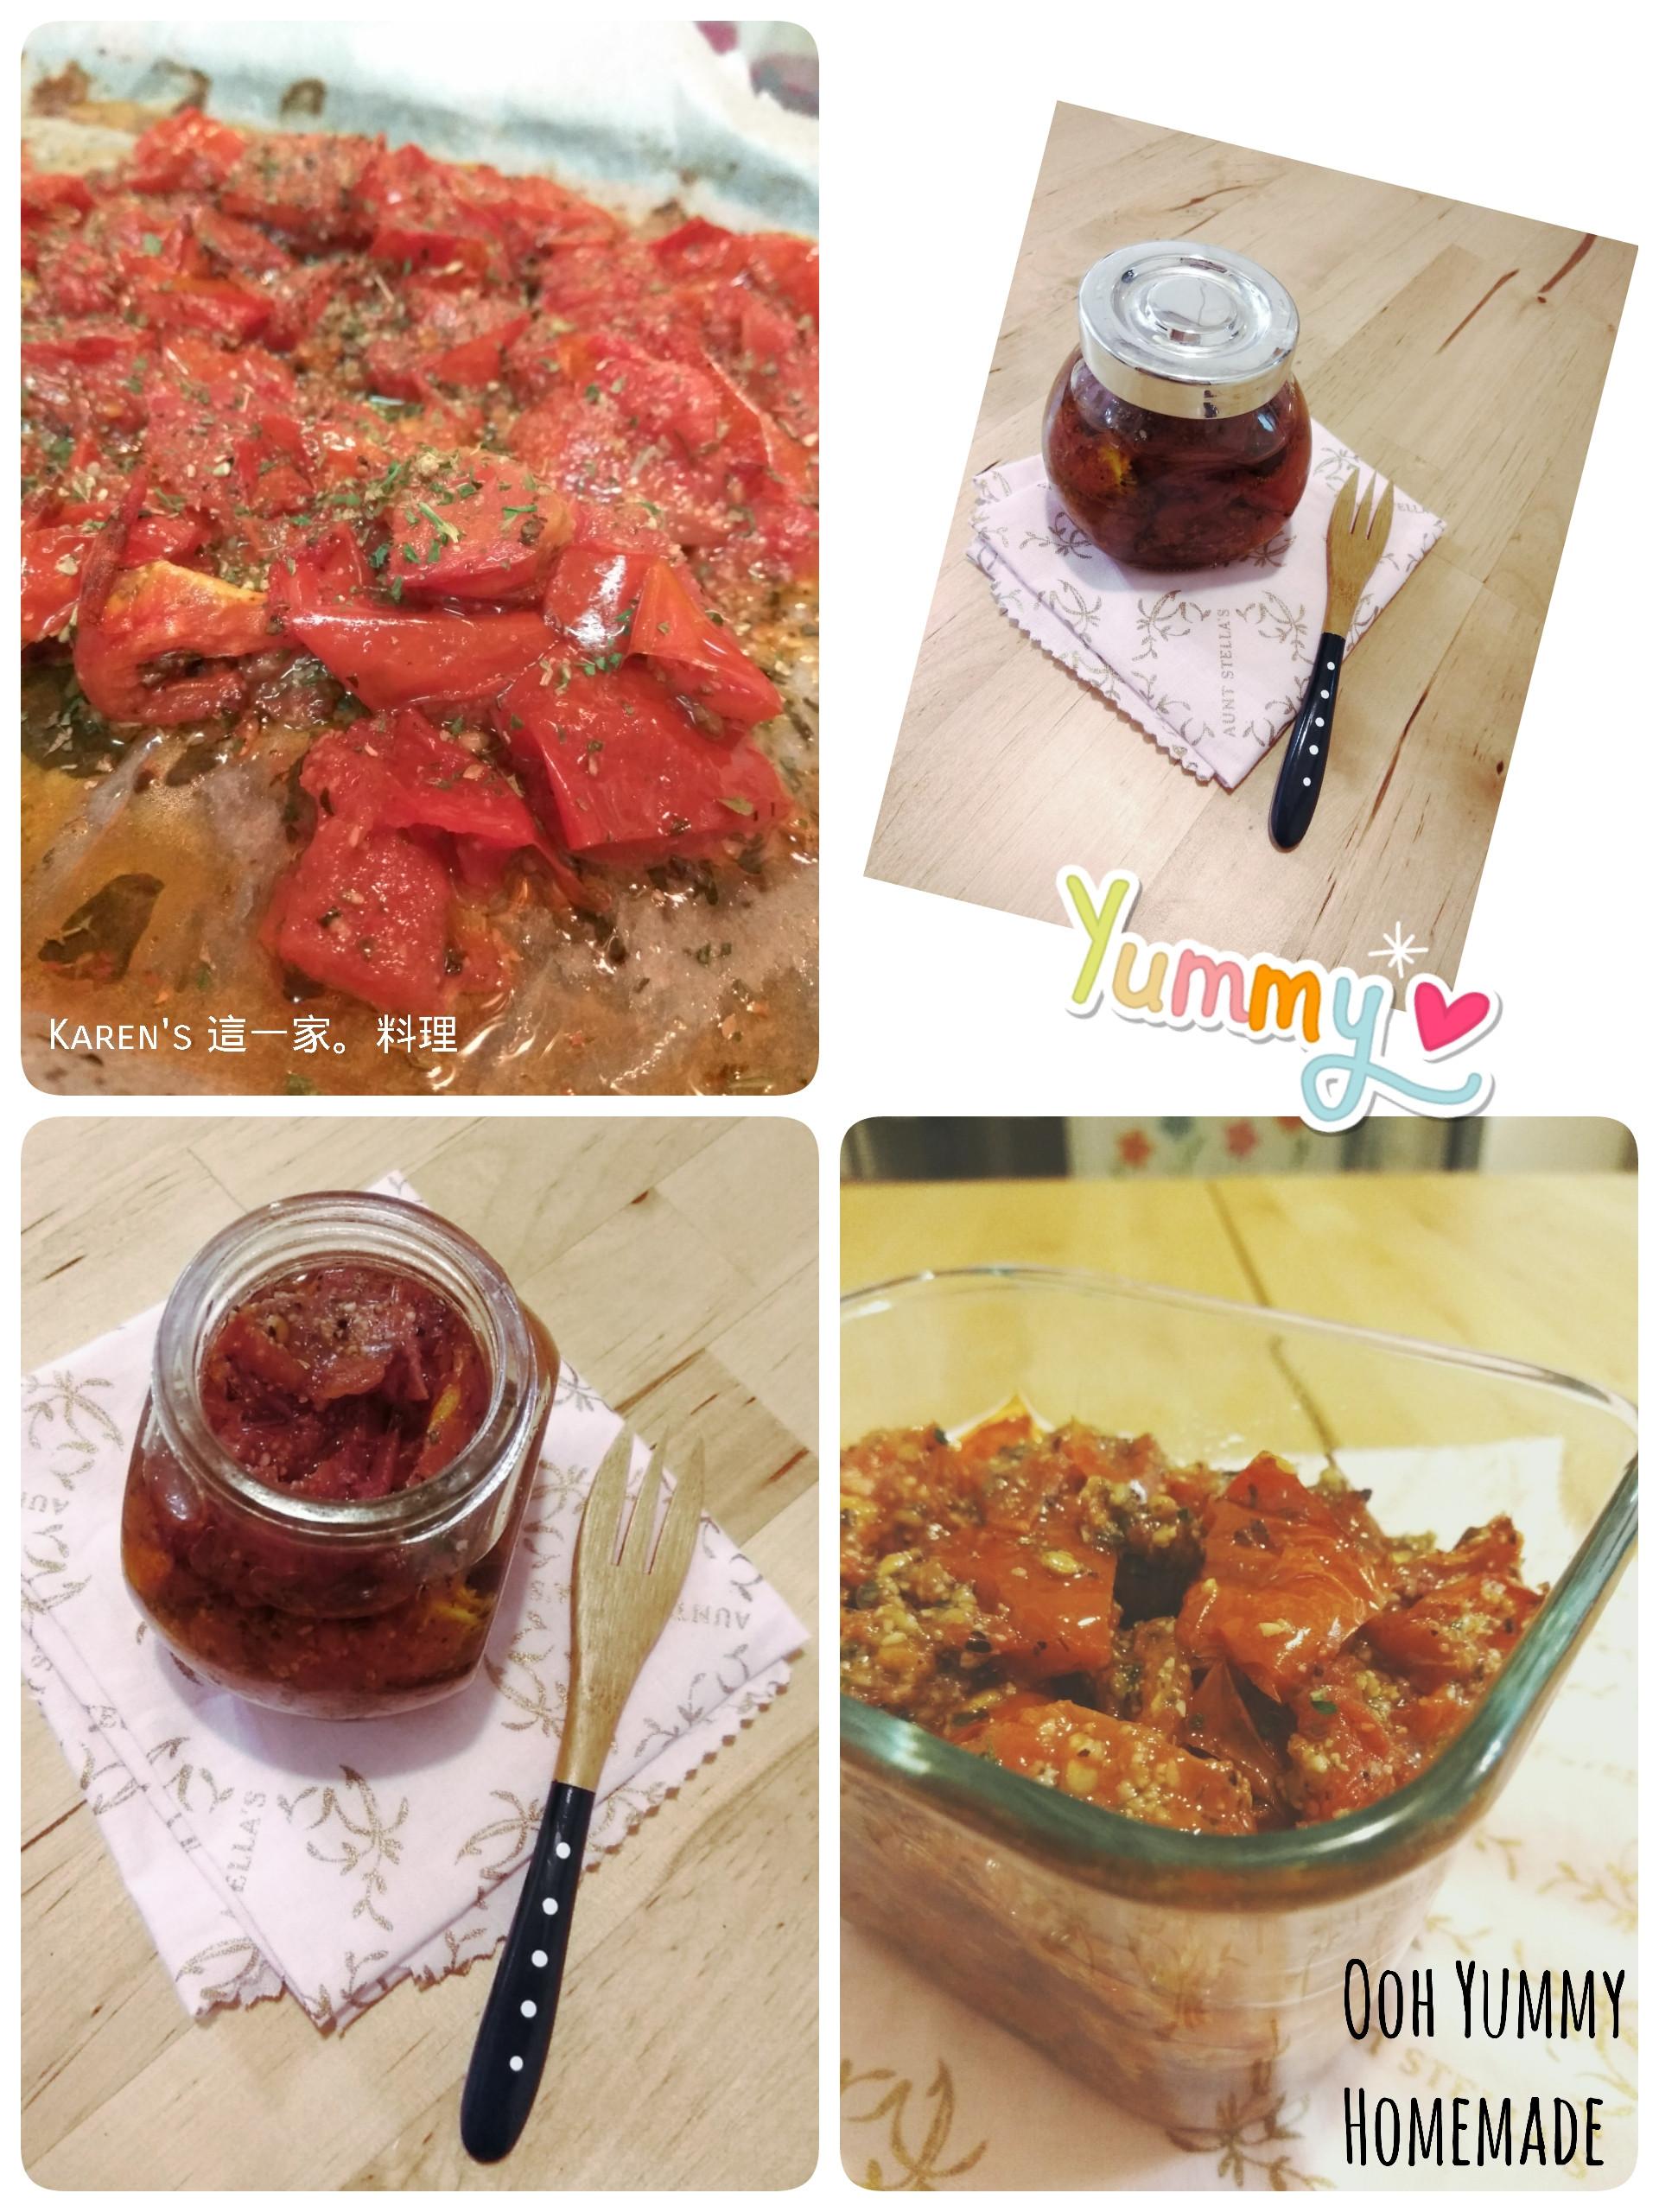 油封番茄 (油漬乾番茄)